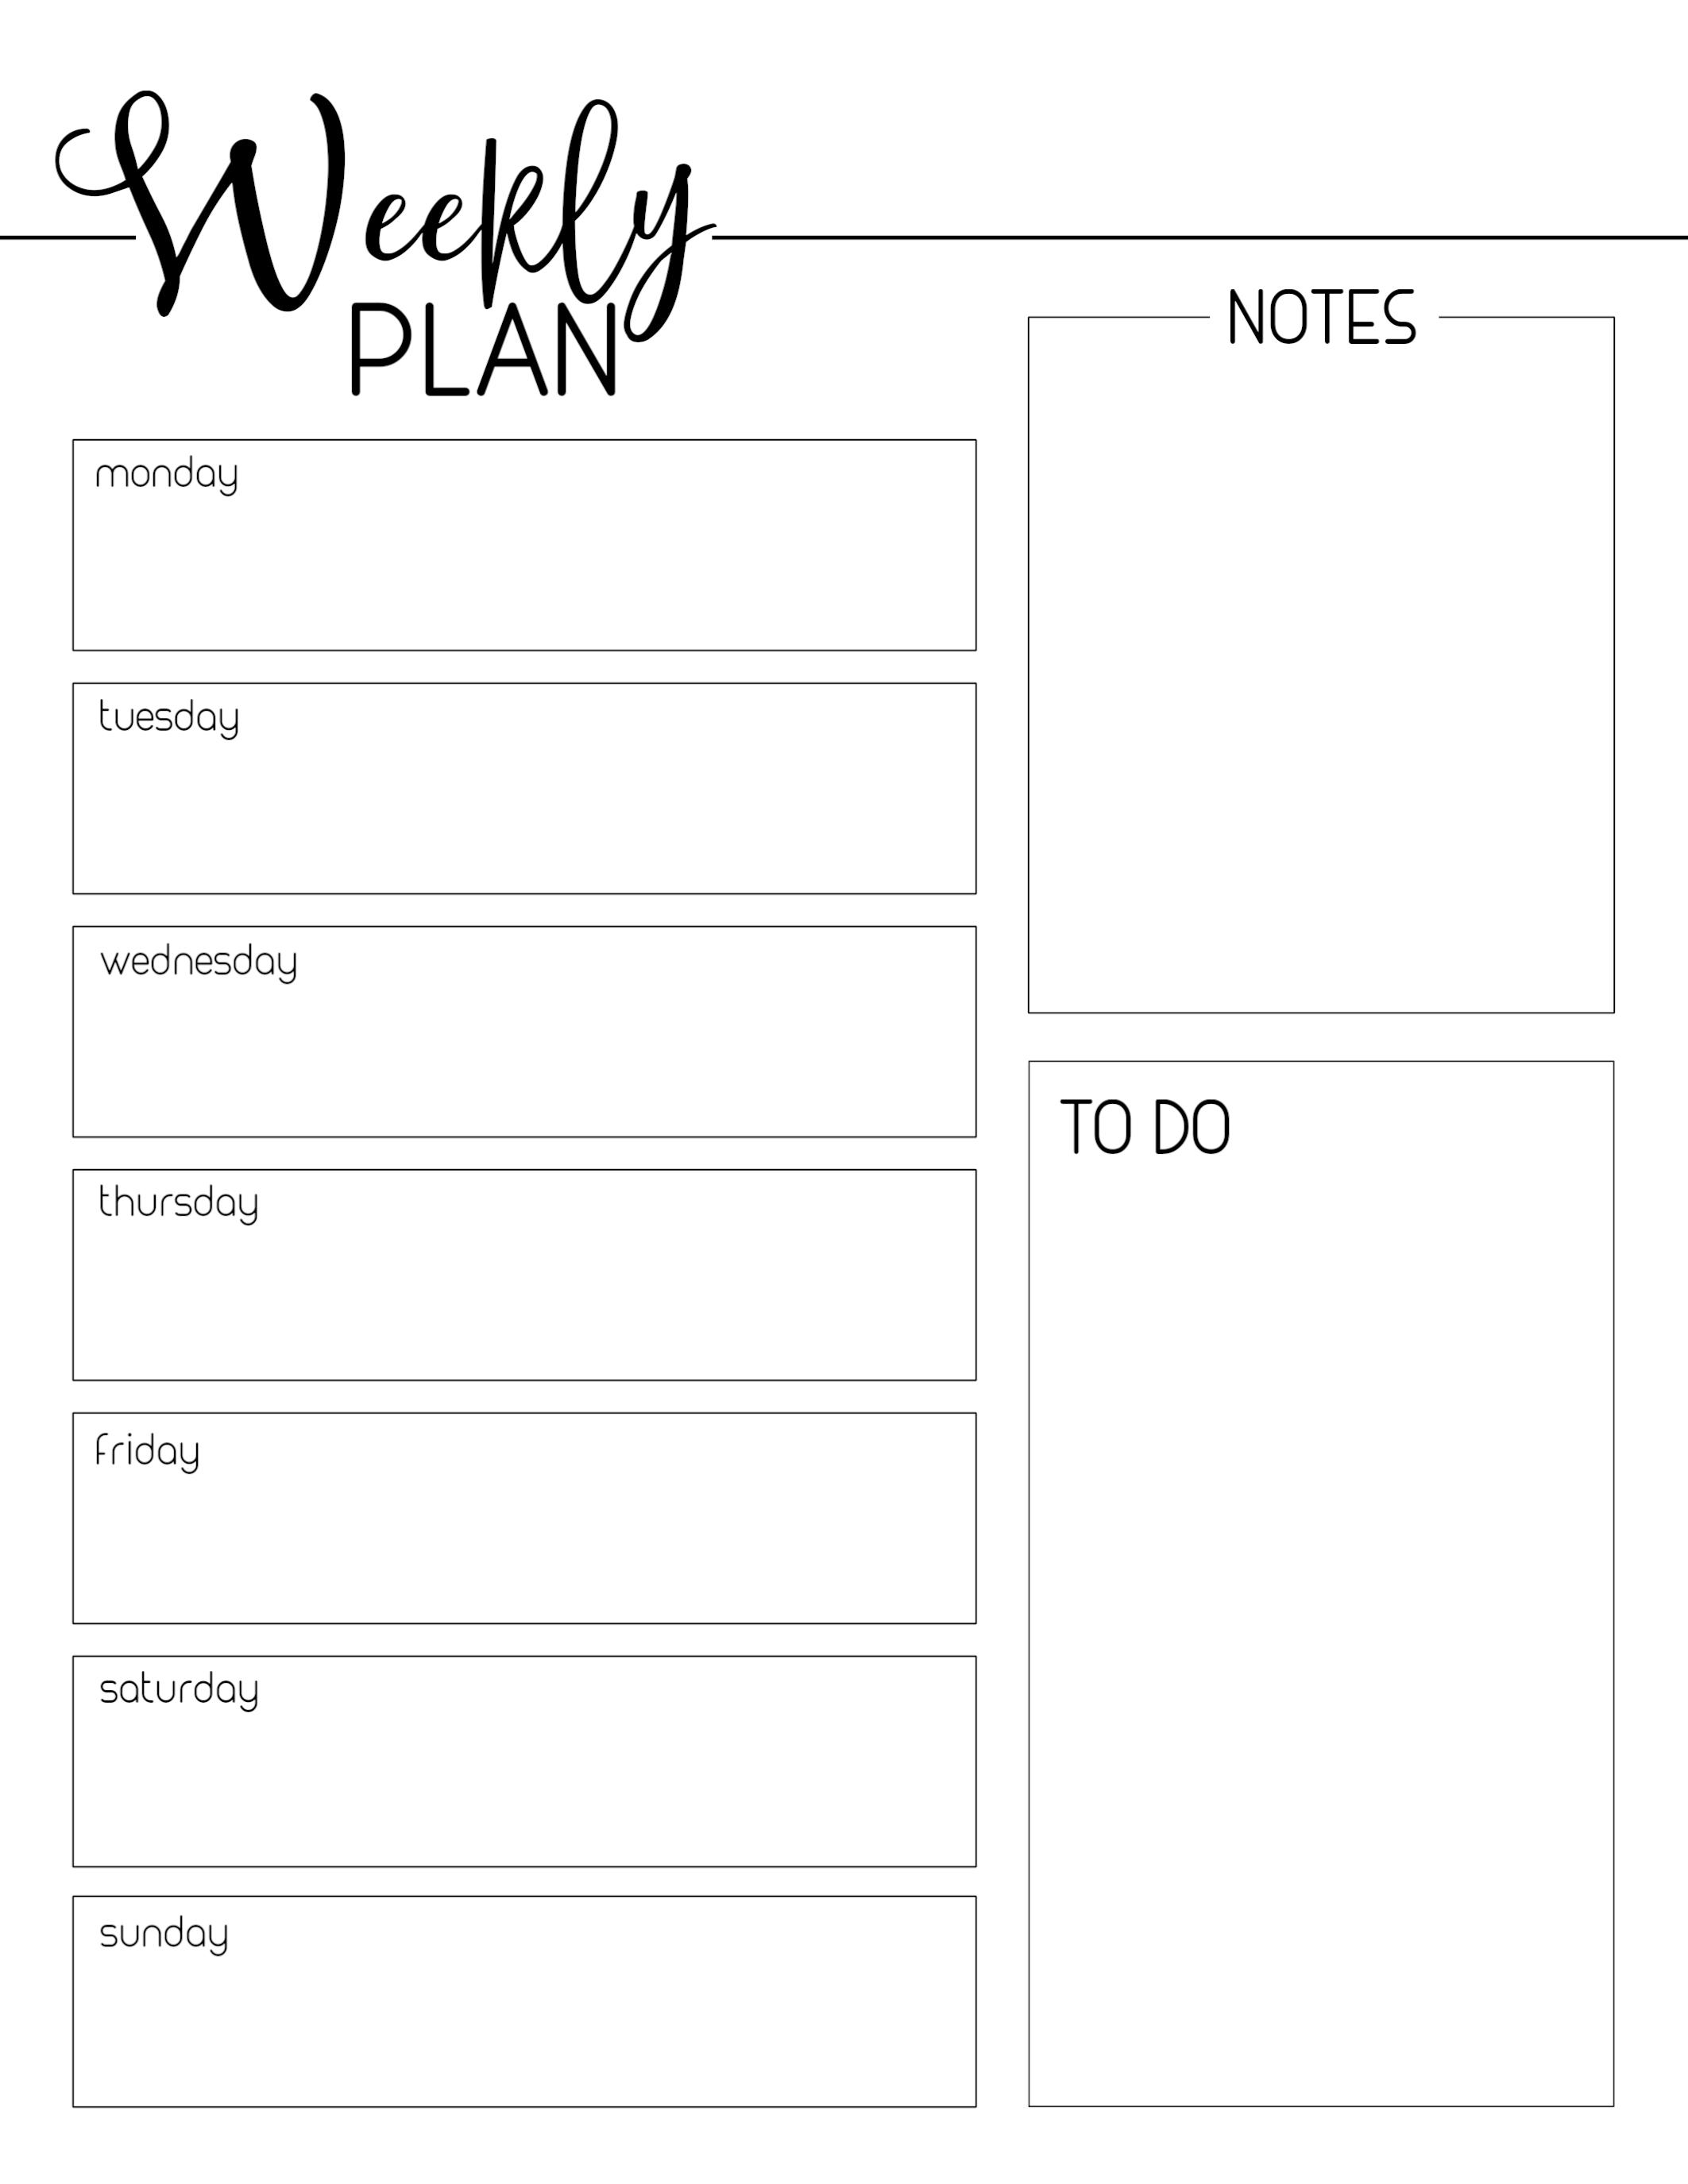 Weekly Planner Template Free Printable